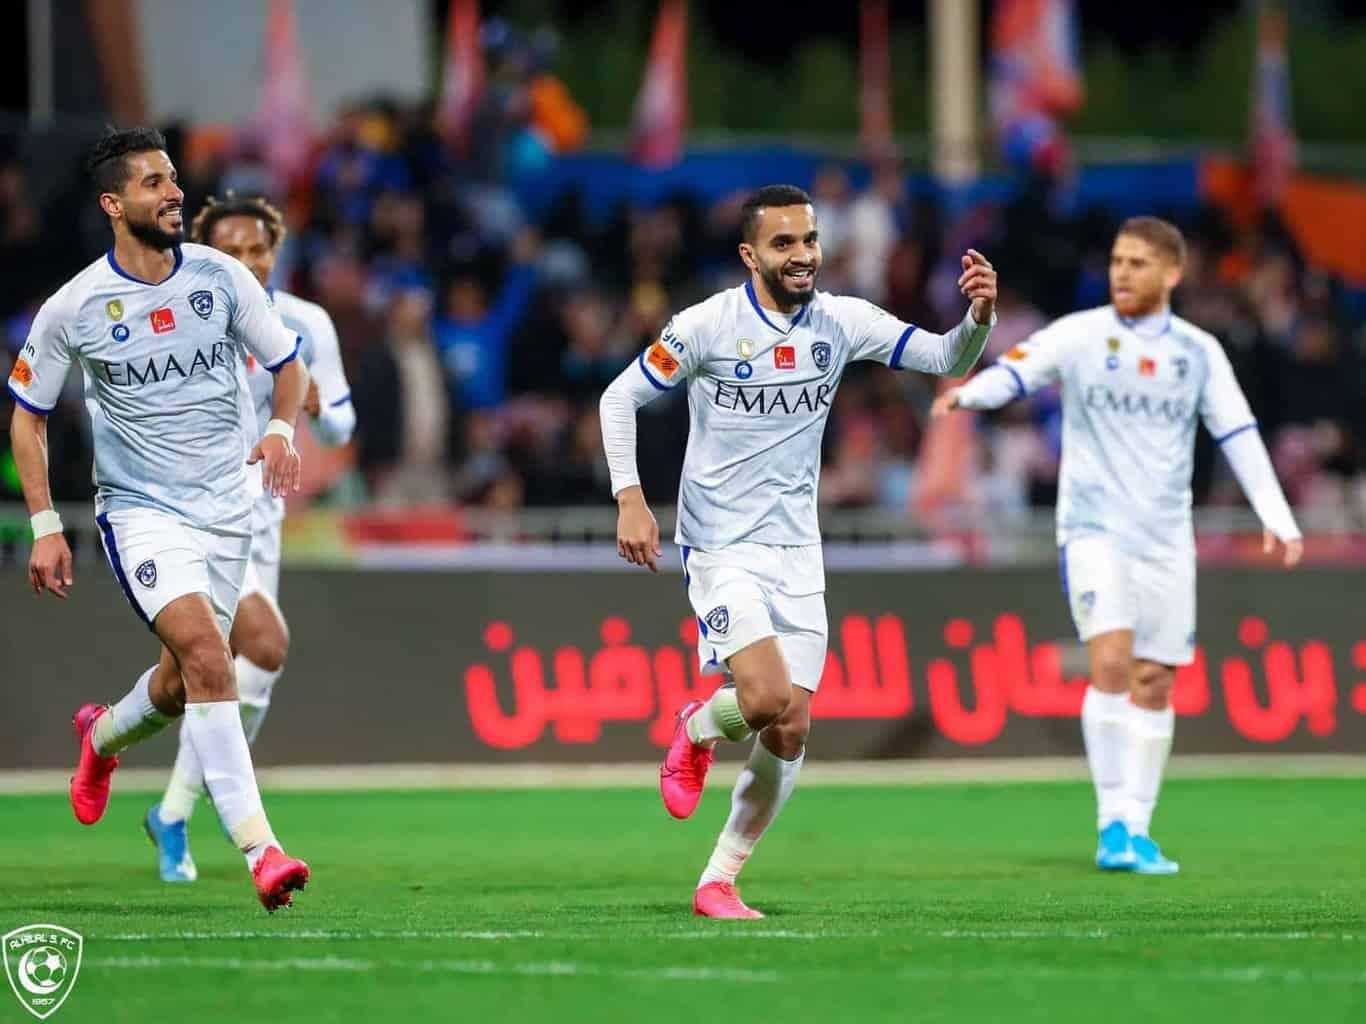 أهداف مباراة الهلال والفيحاء في الدوري السعودي - ميركاتو داي